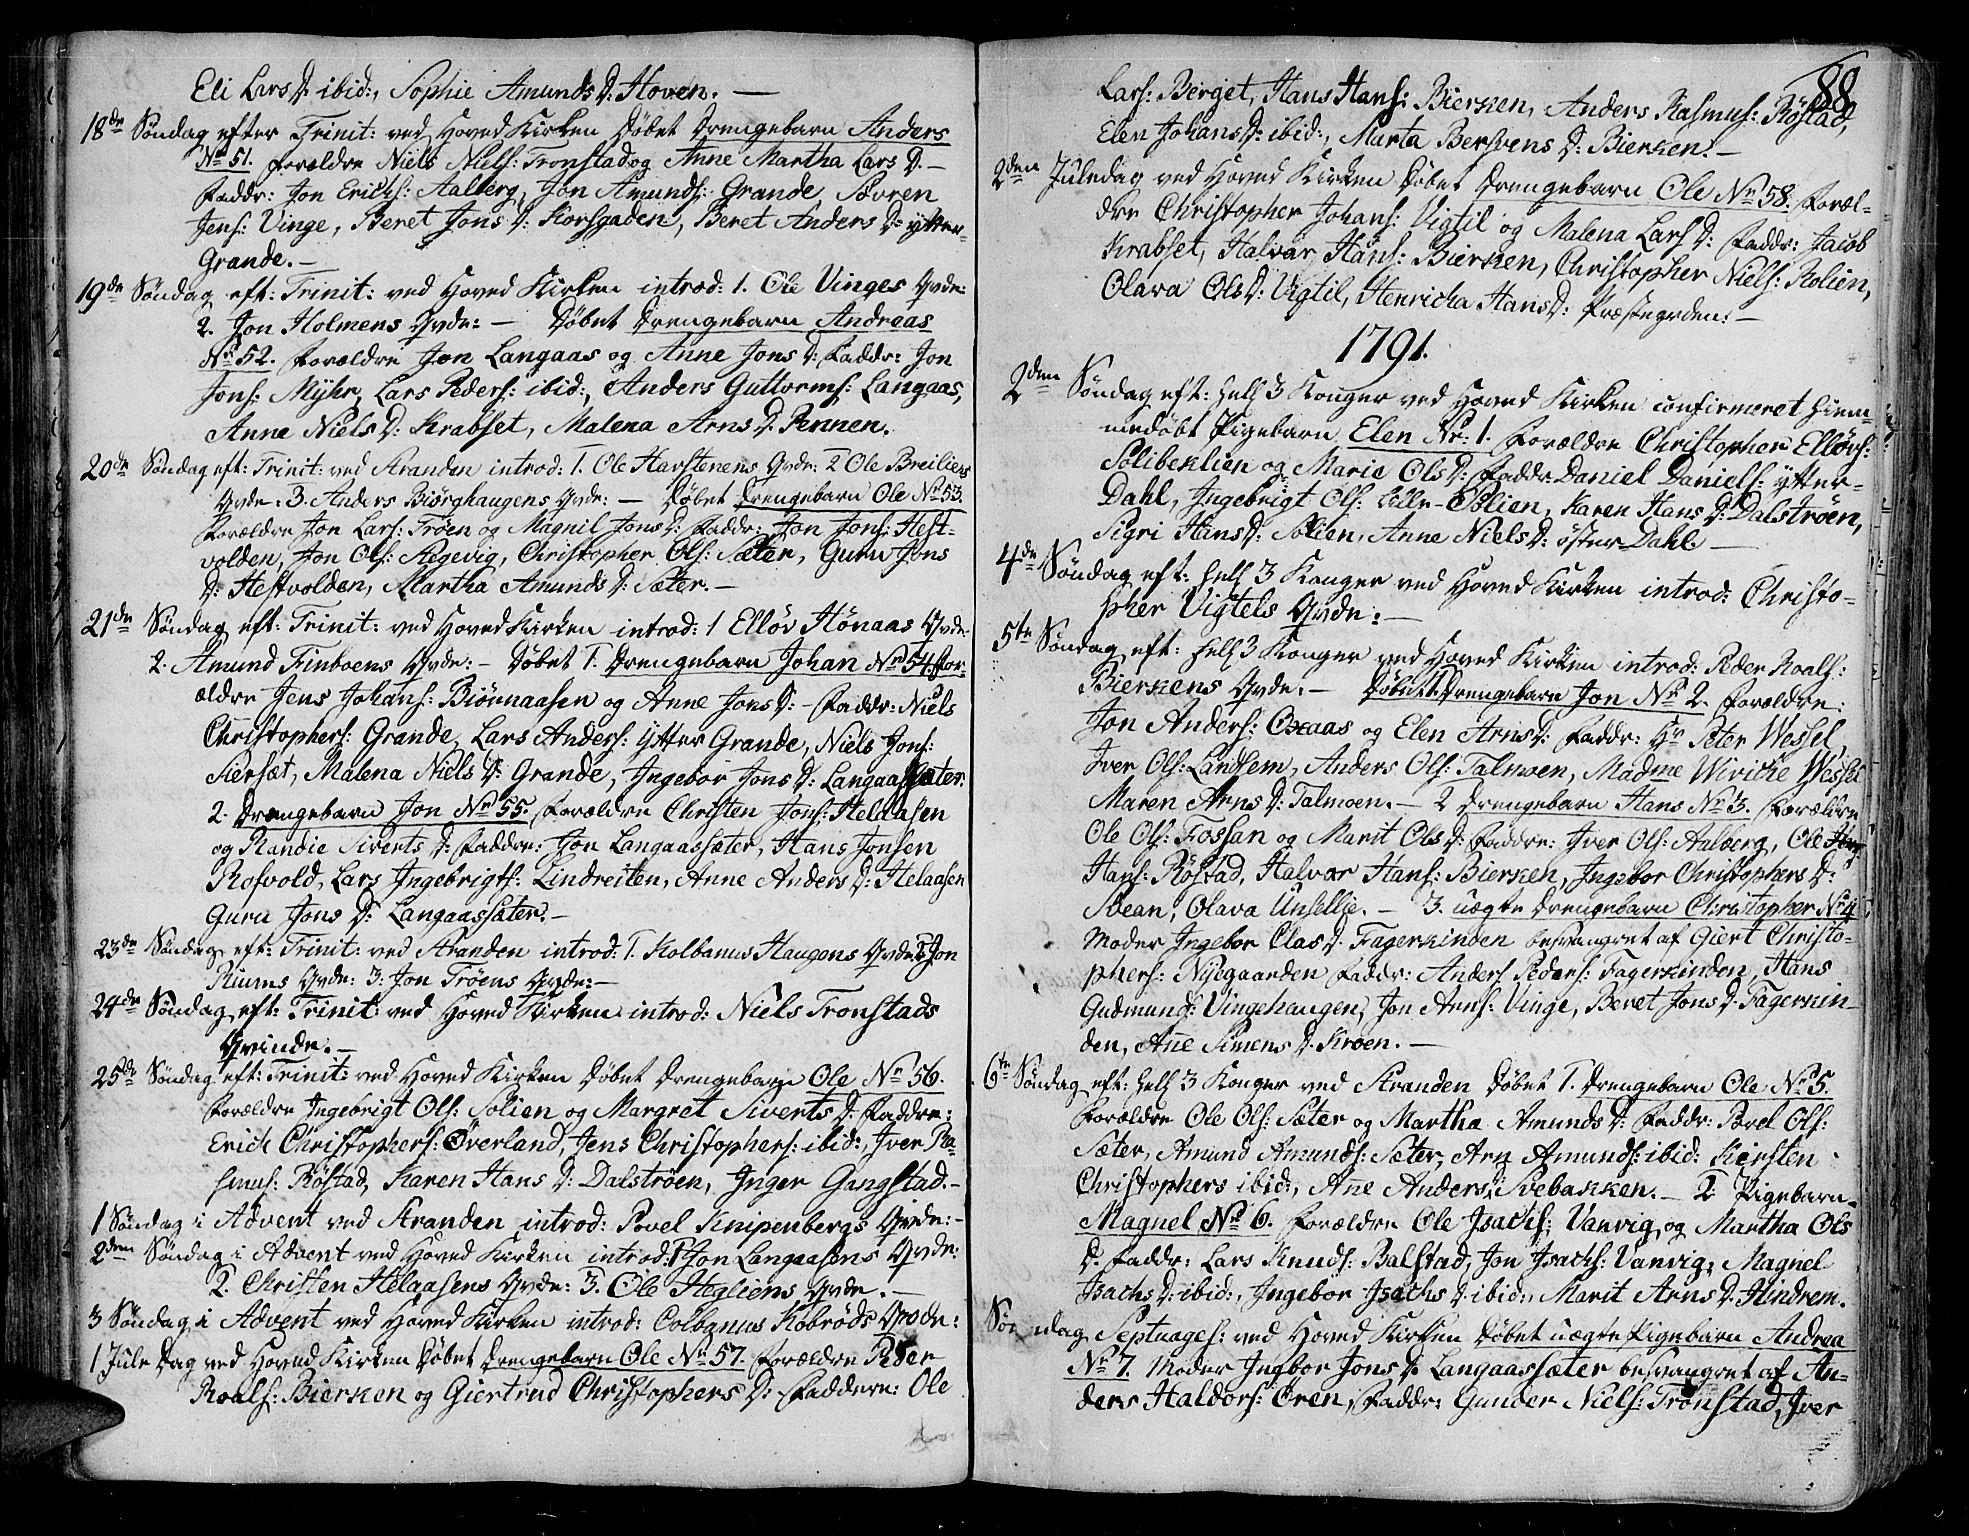 SAT, Ministerialprotokoller, klokkerbøker og fødselsregistre - Nord-Trøndelag, 701/L0004: Ministerialbok nr. 701A04, 1783-1816, s. 88